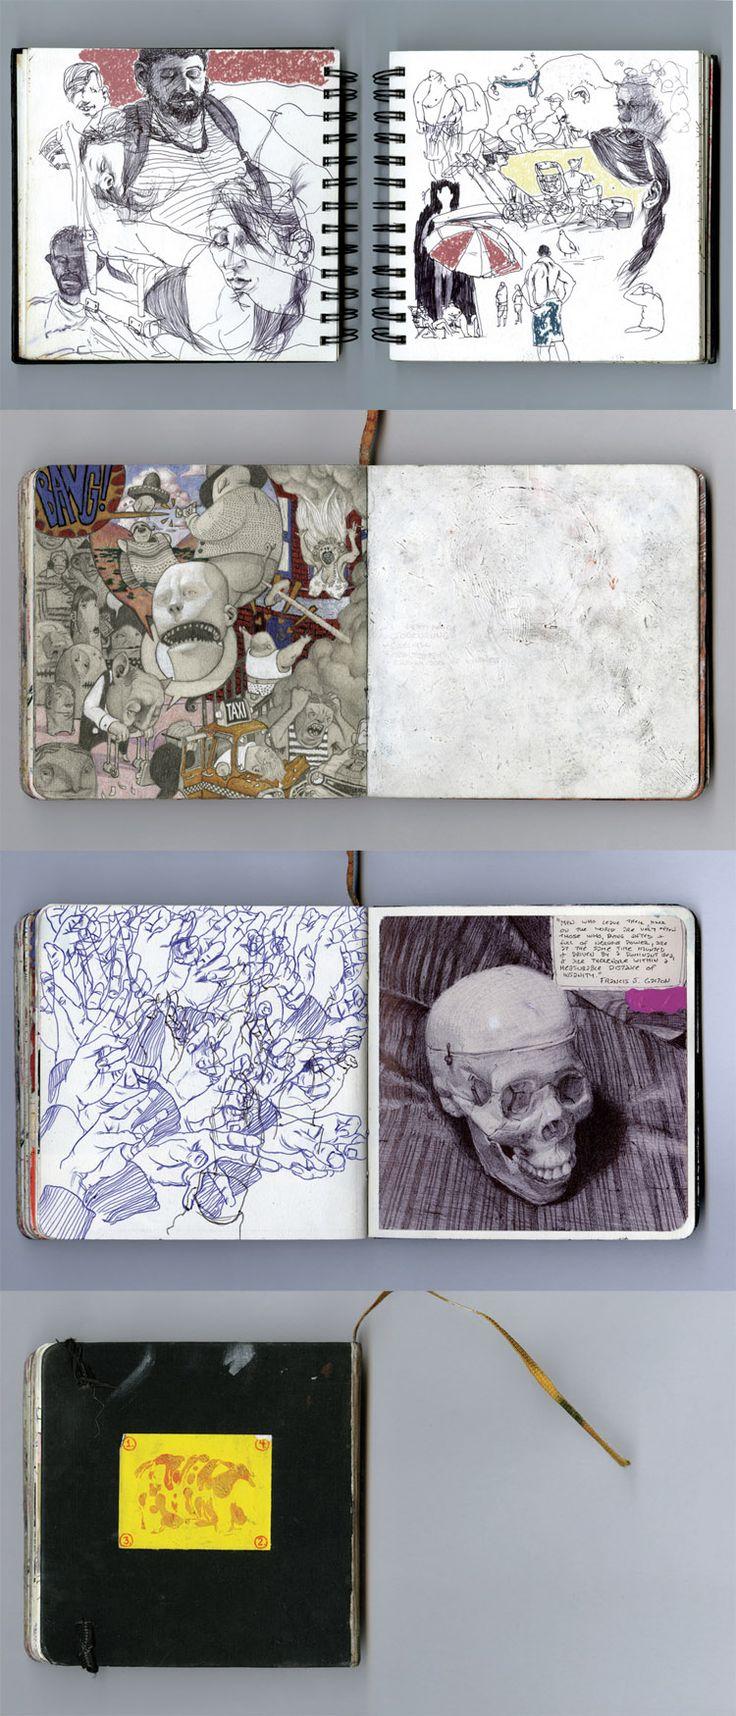 Sketchbook by Matthew Filipkowski https://www.behance.net/gallery/17247881/Selected-Sketchbook-Pages-Set-3